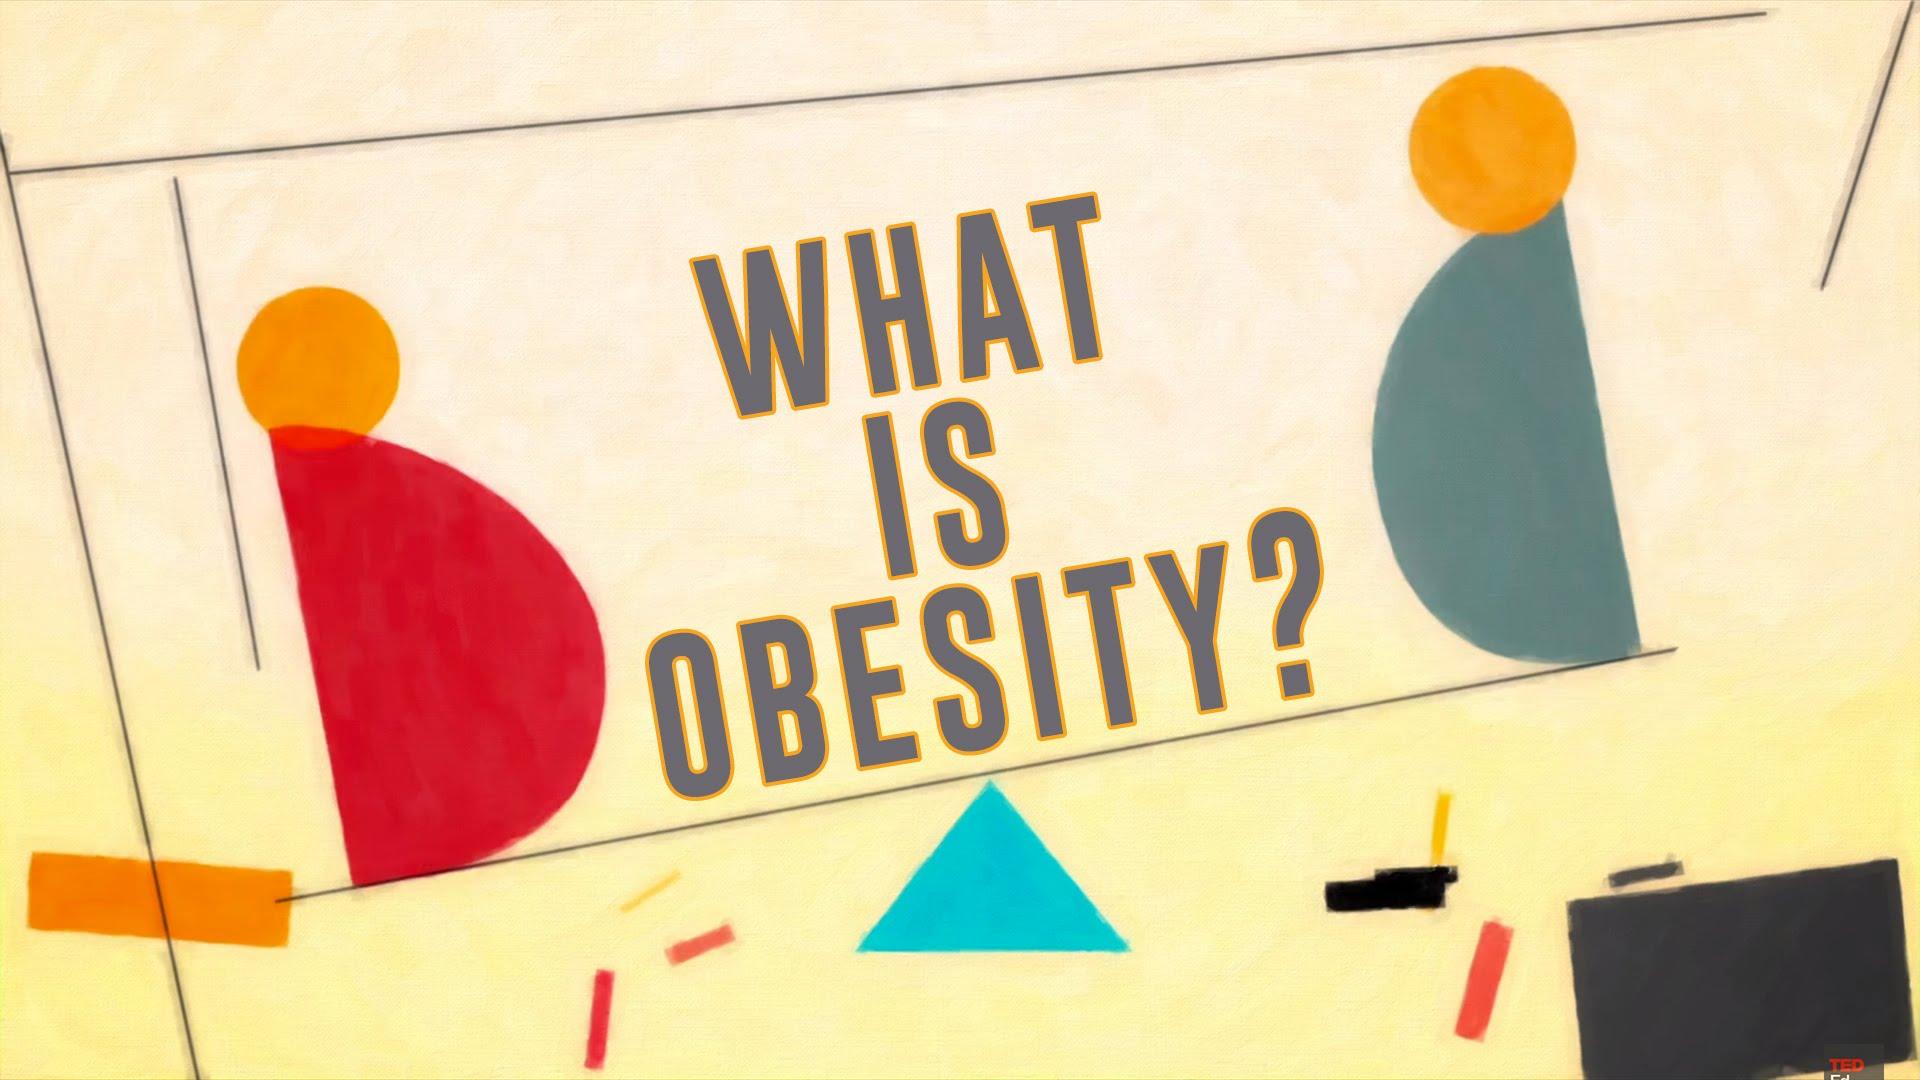 In loc sa strangi cureaua, o tot largesti? Afla ce e obezitatea!